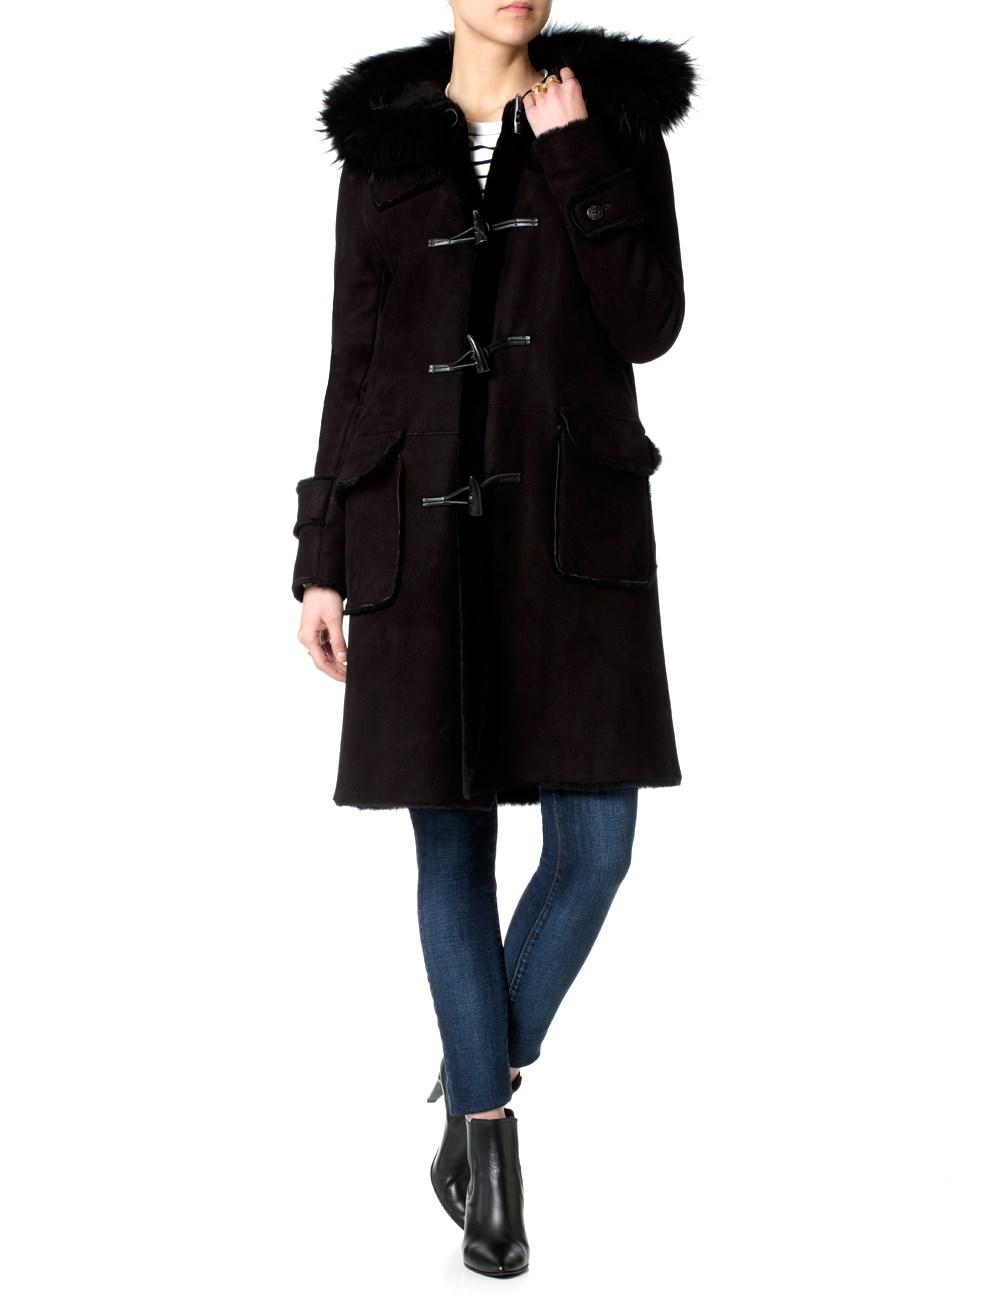 Dlux Black Shearling Duffle Coat in Black | Lyst